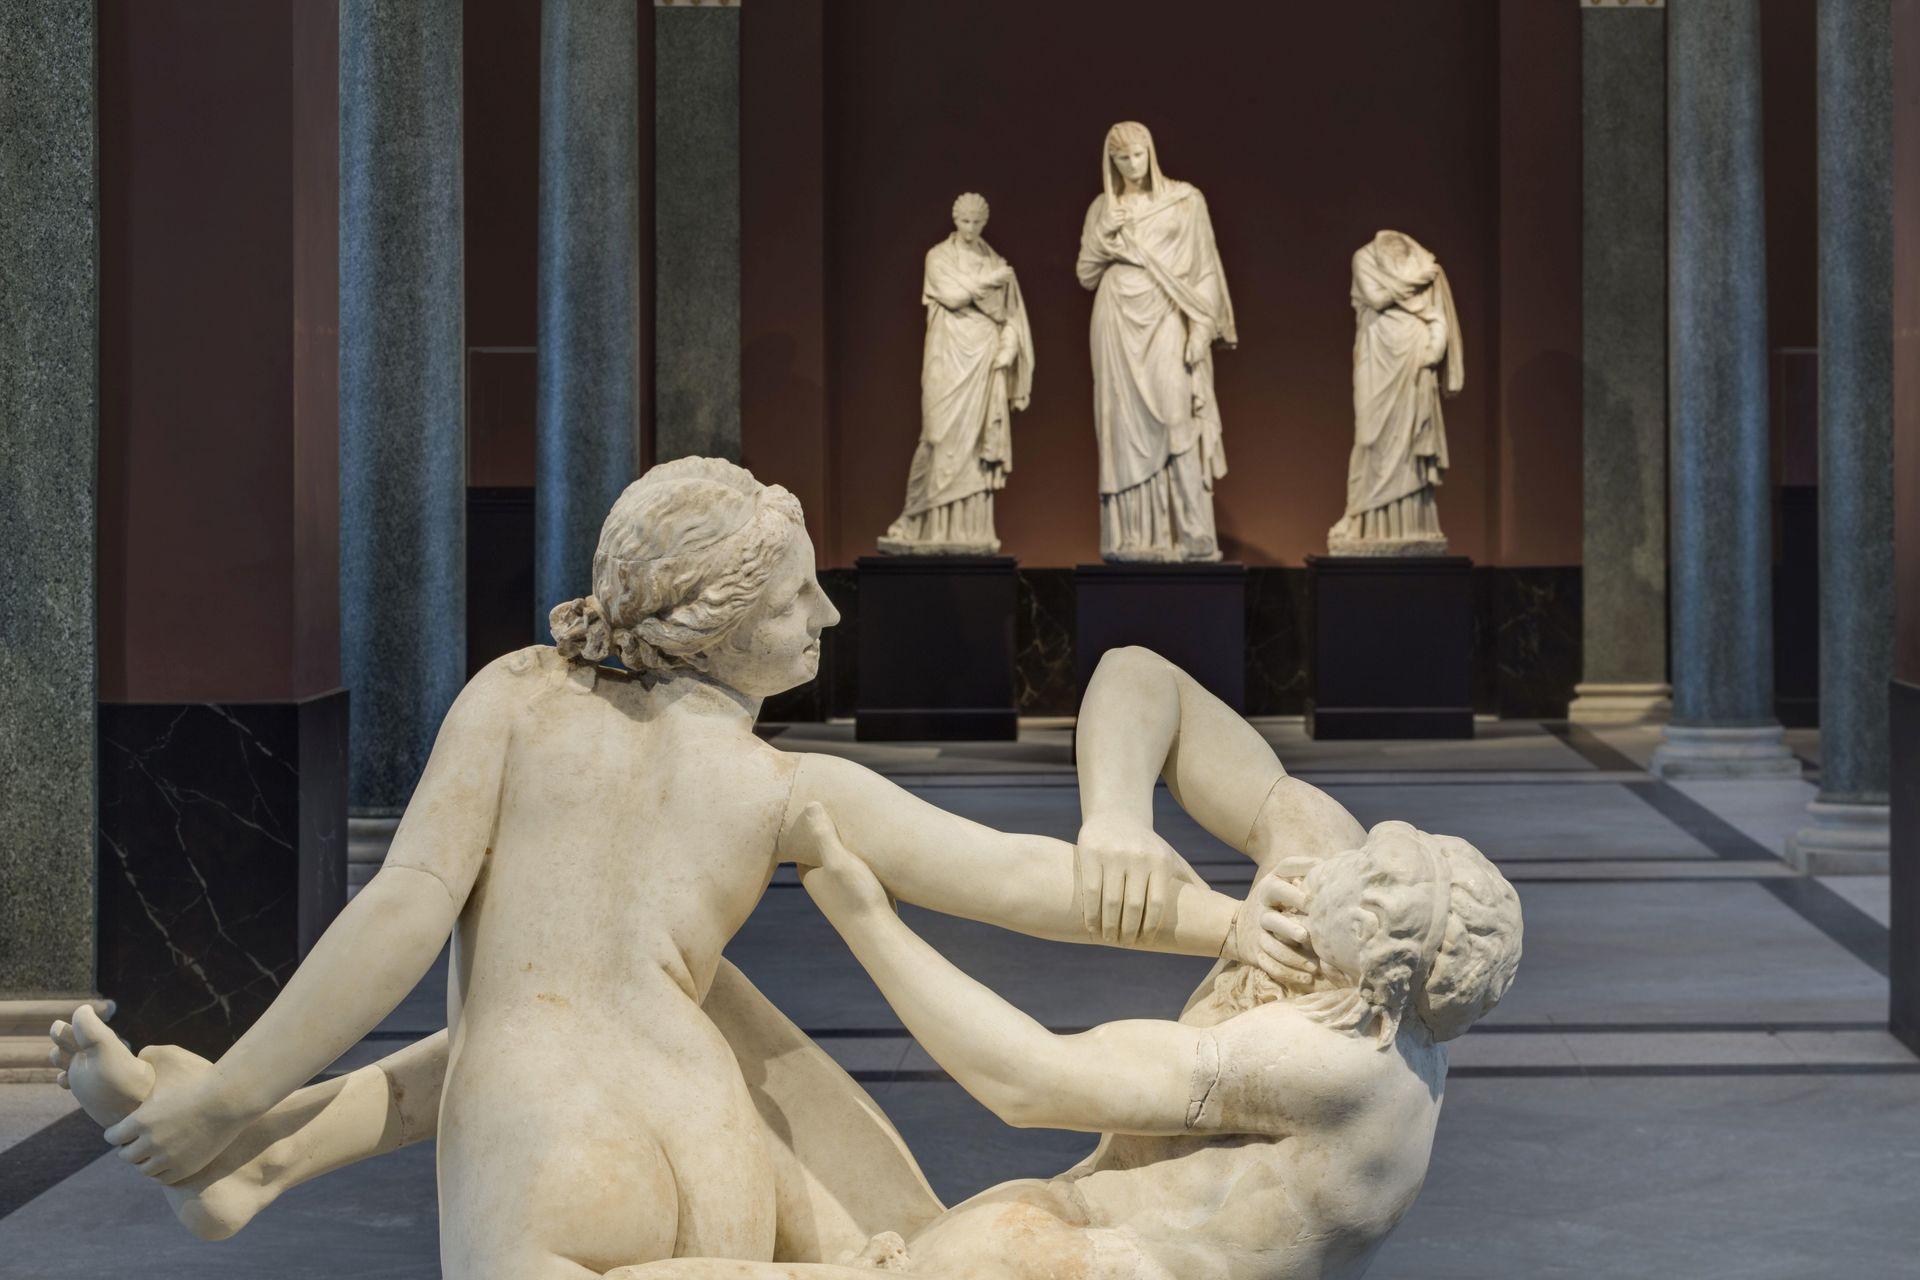 19_SKD_Gemaeldegalerie_Alte_Meister_und_Skulpturensammlung_bis_1800.jpg